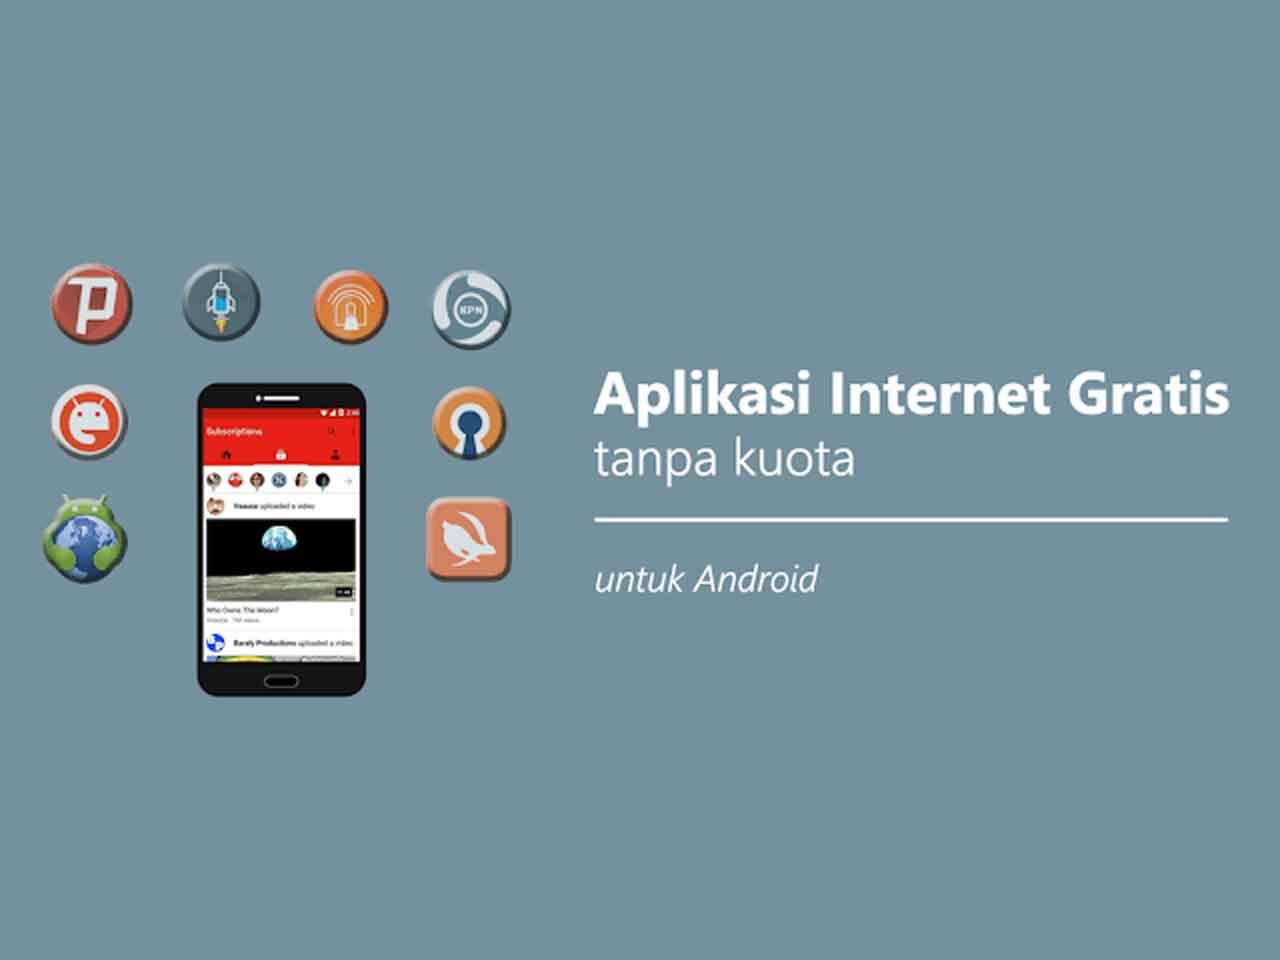 aplikasi internet gratis